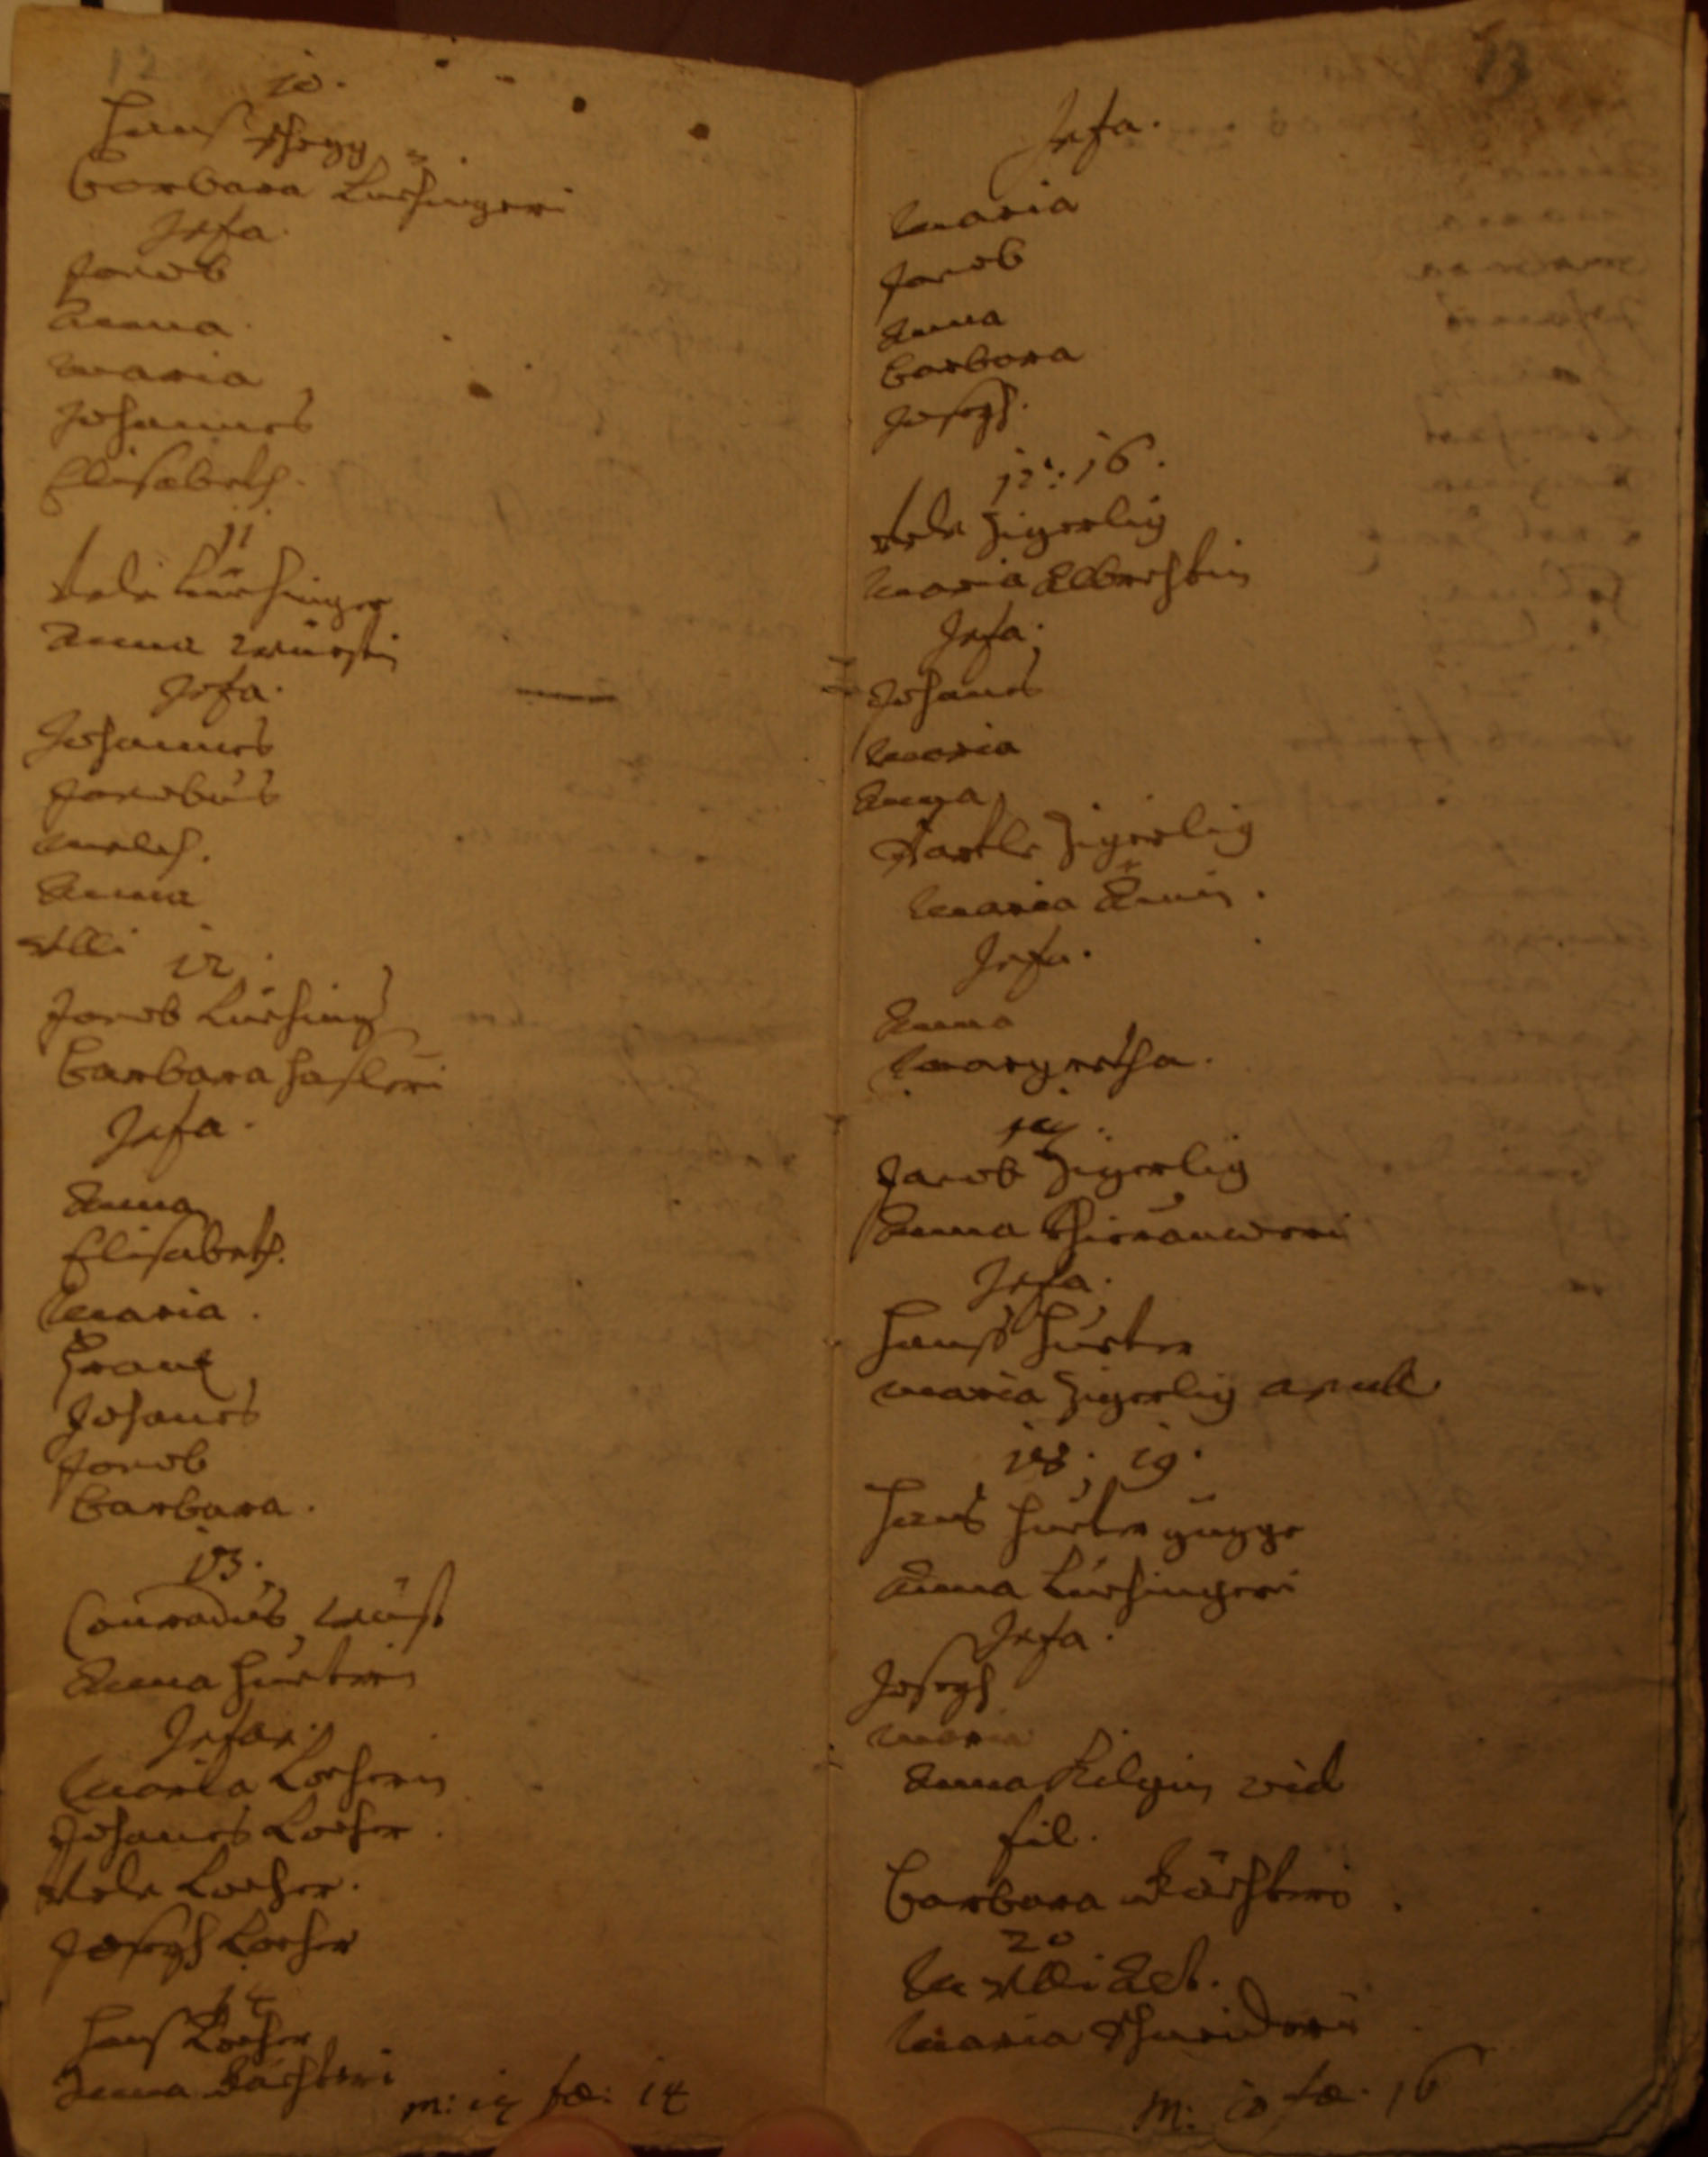 Familienbuch Montlingen, Seiten 12 und 13